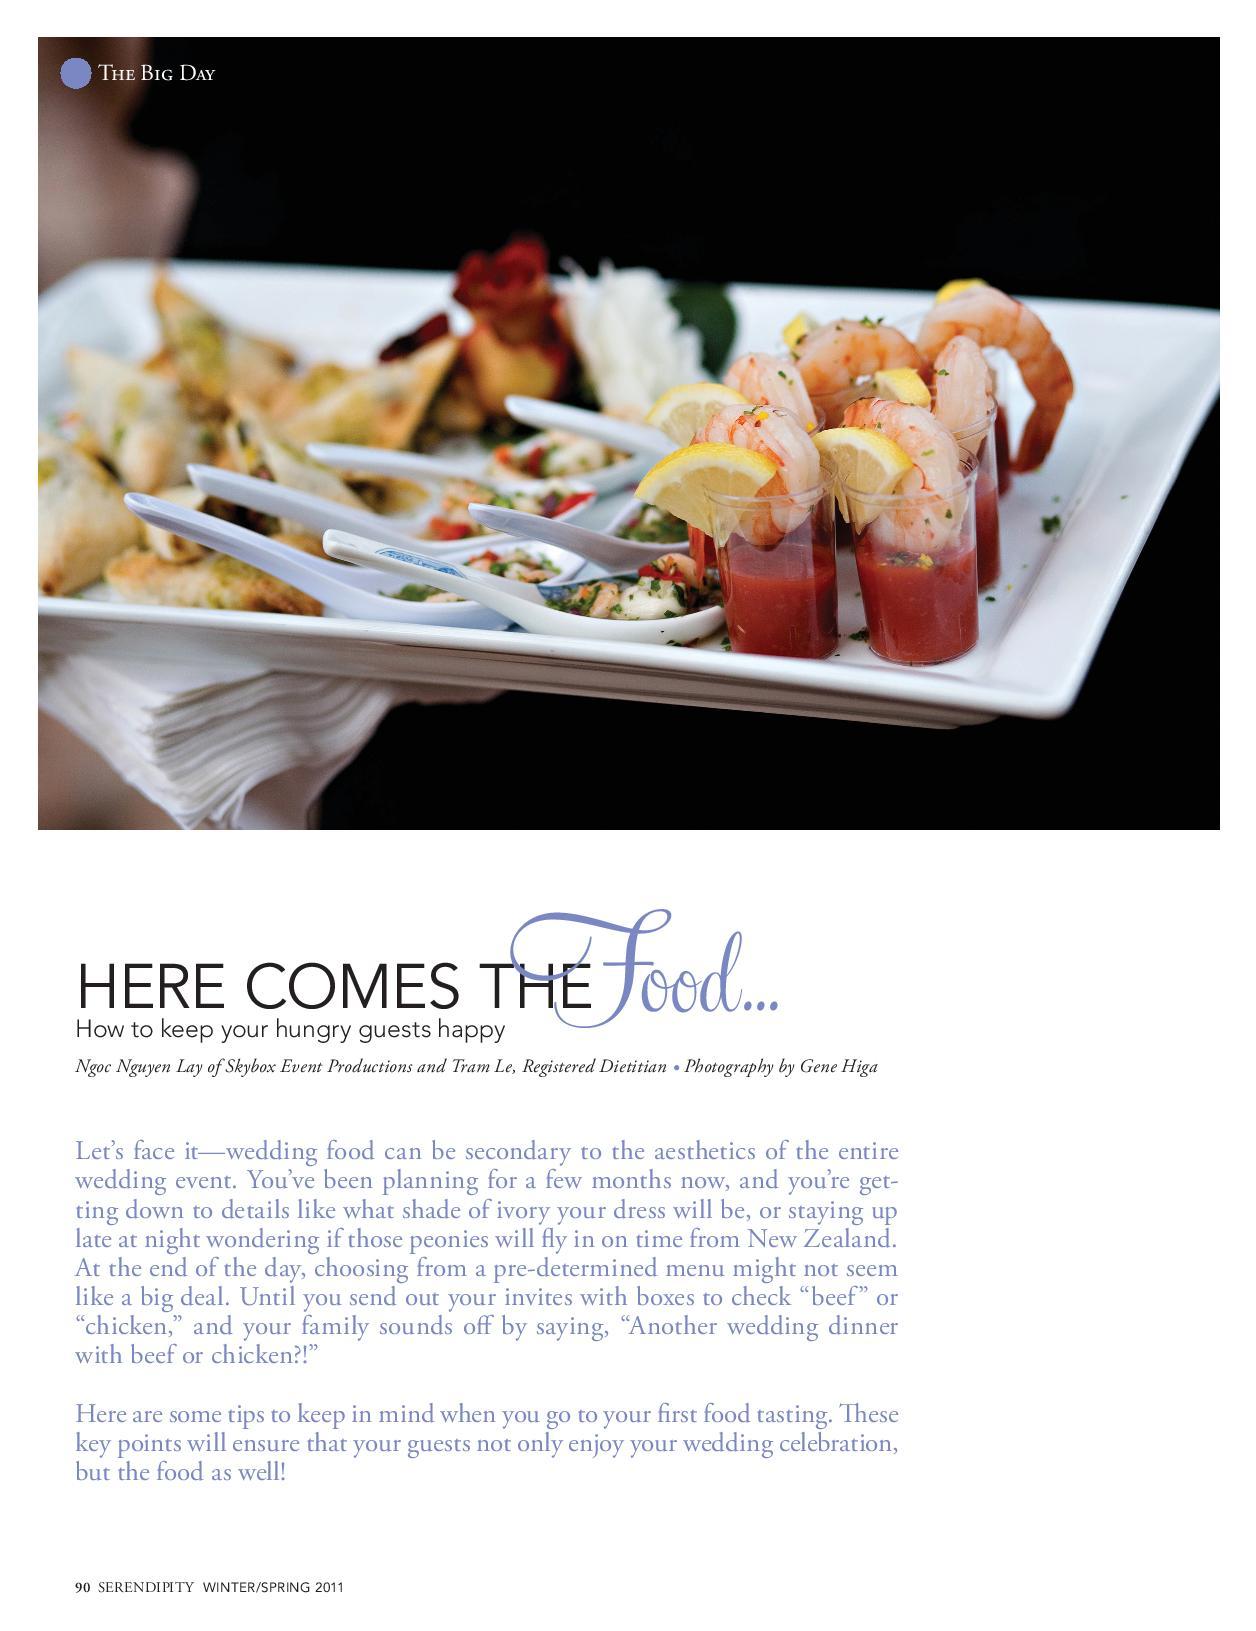 foodarticle-page-001.jpg